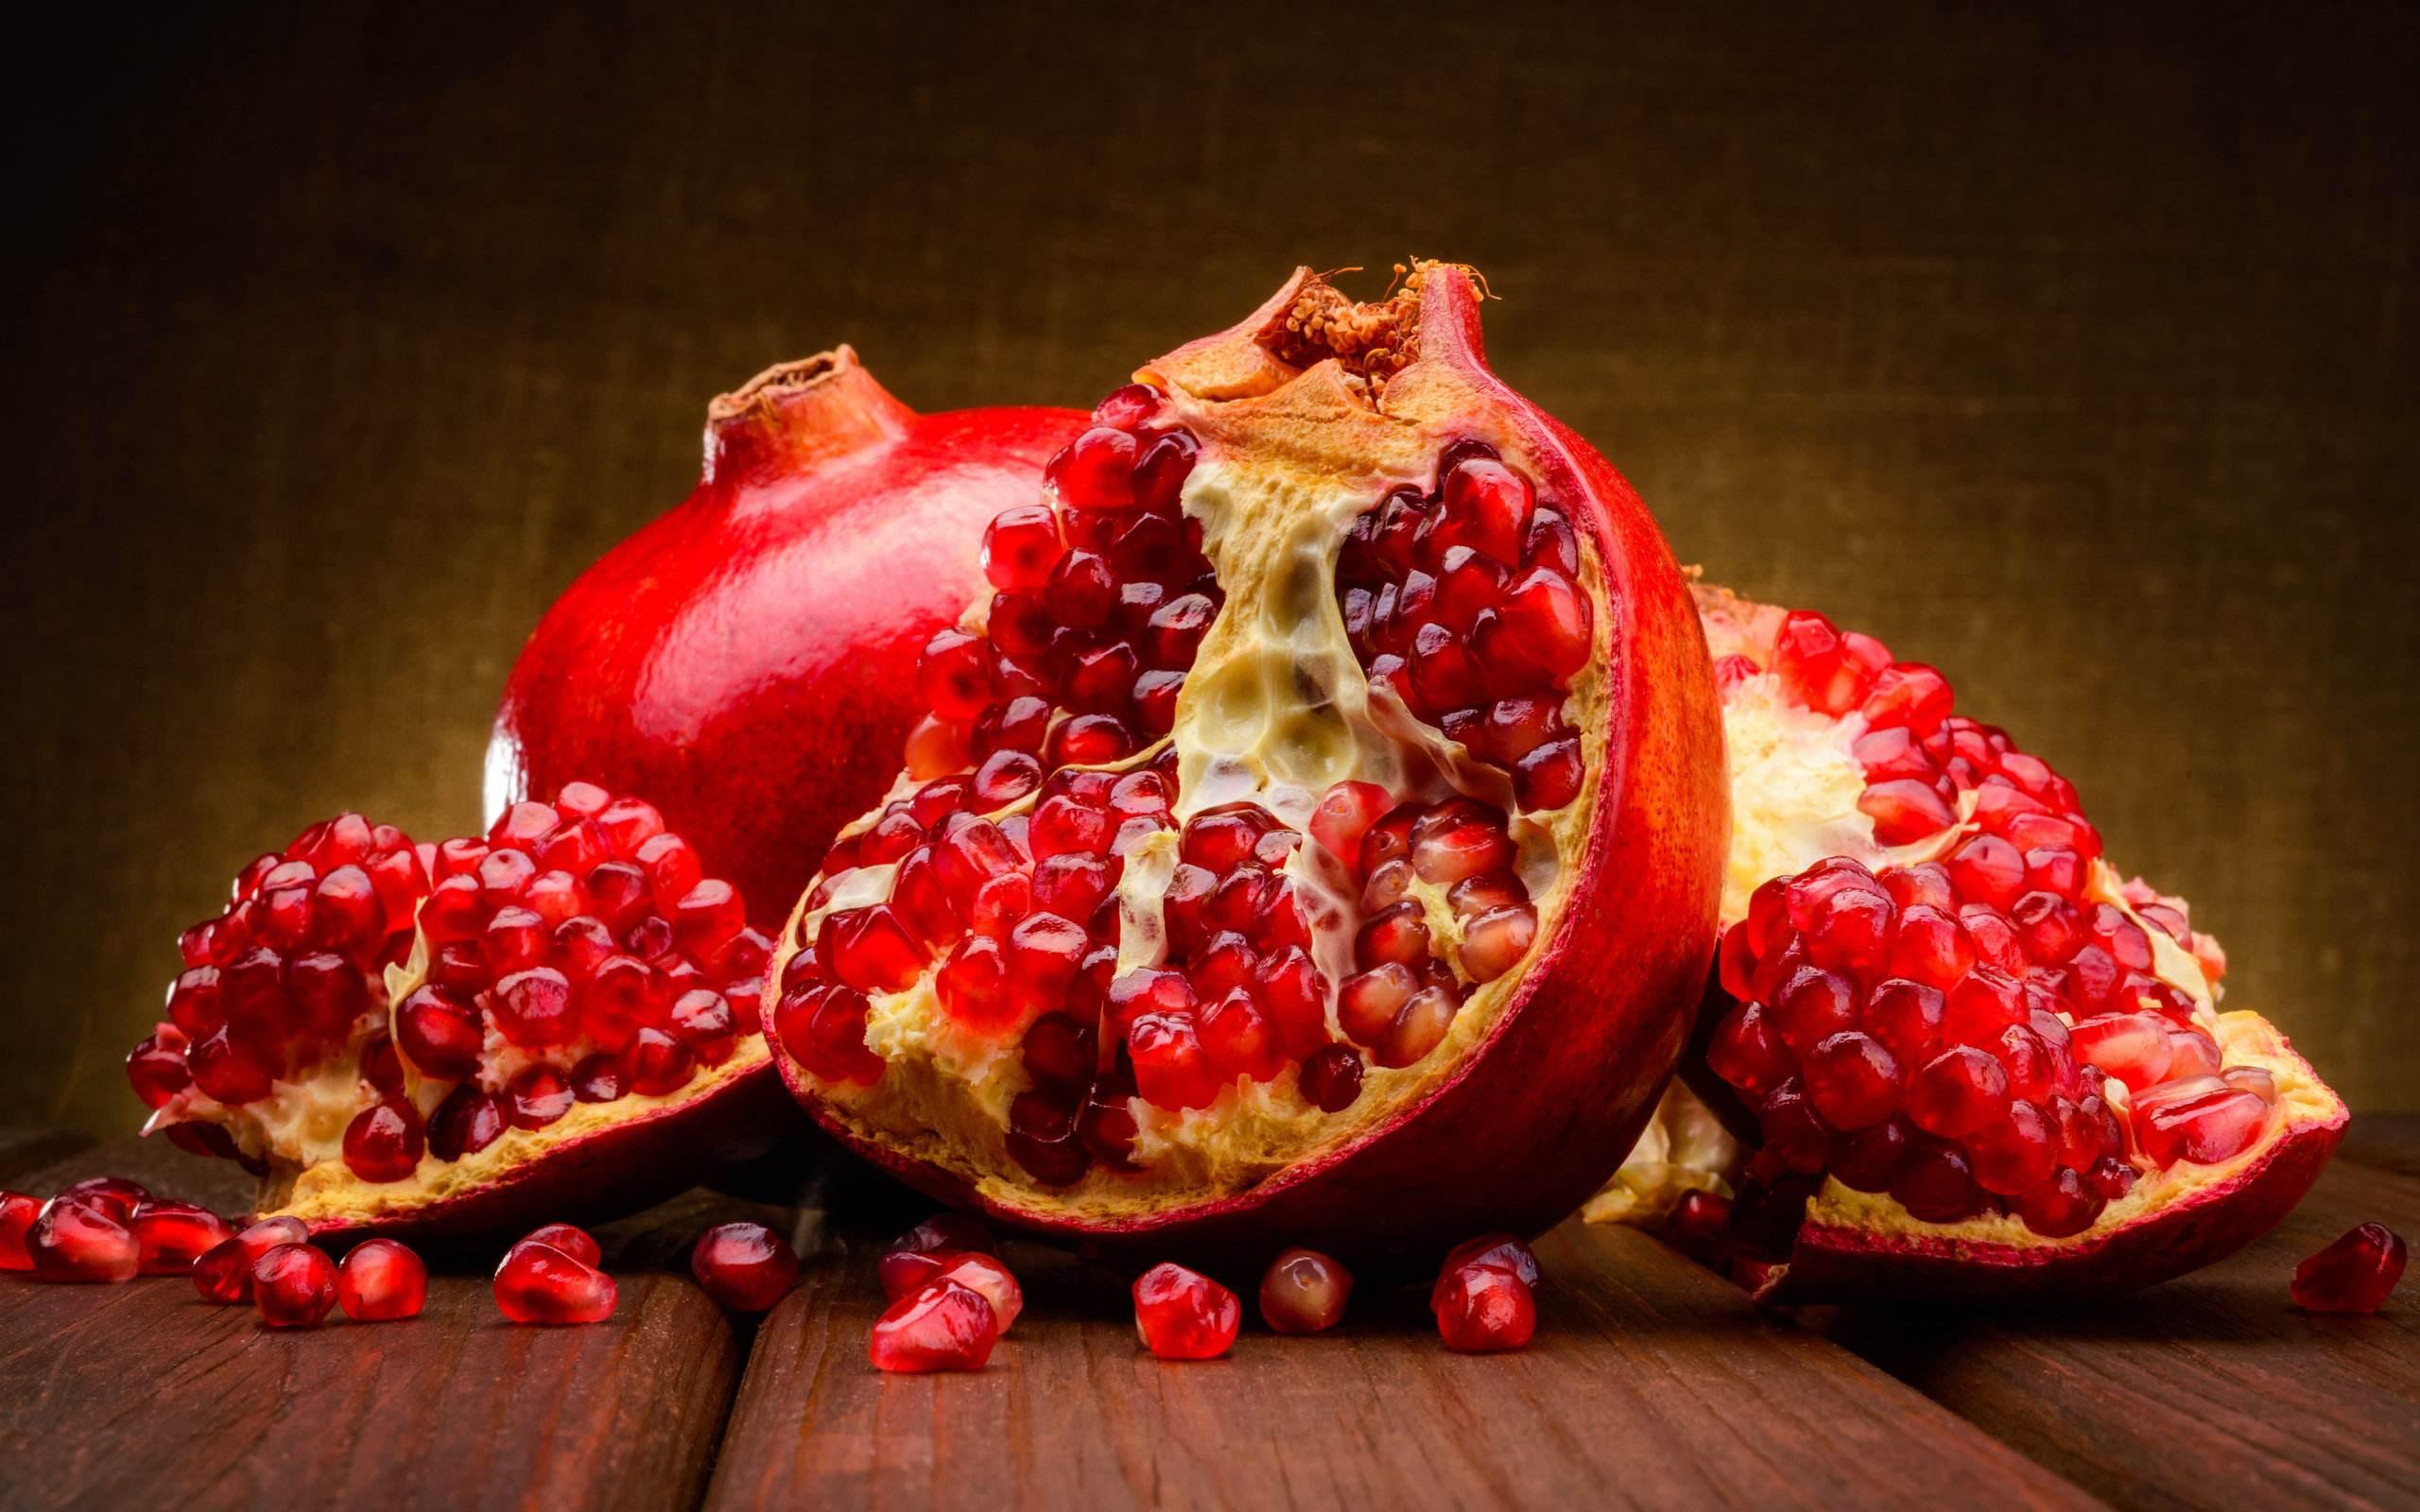 冬季寒冷有什么适合吃的水果呢?